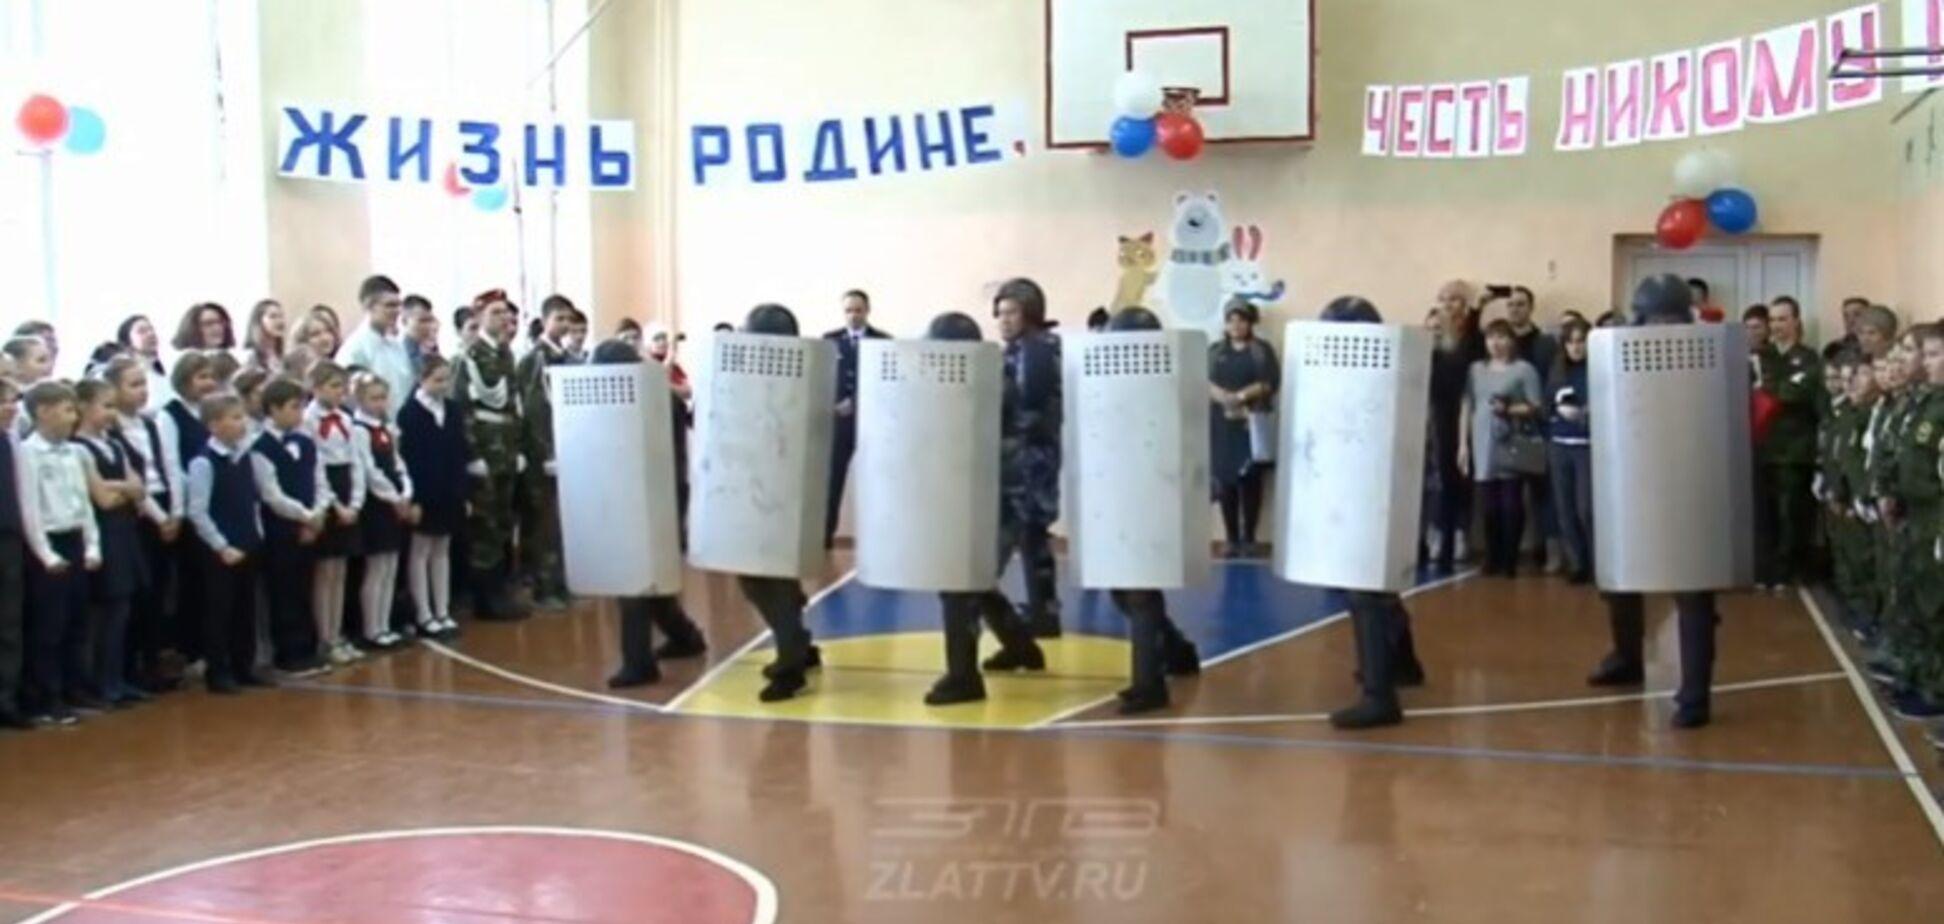 'Палицею зверху, знизу бий!' У Росії тюремний спецназ відпрацював на школярах розгін мітингів